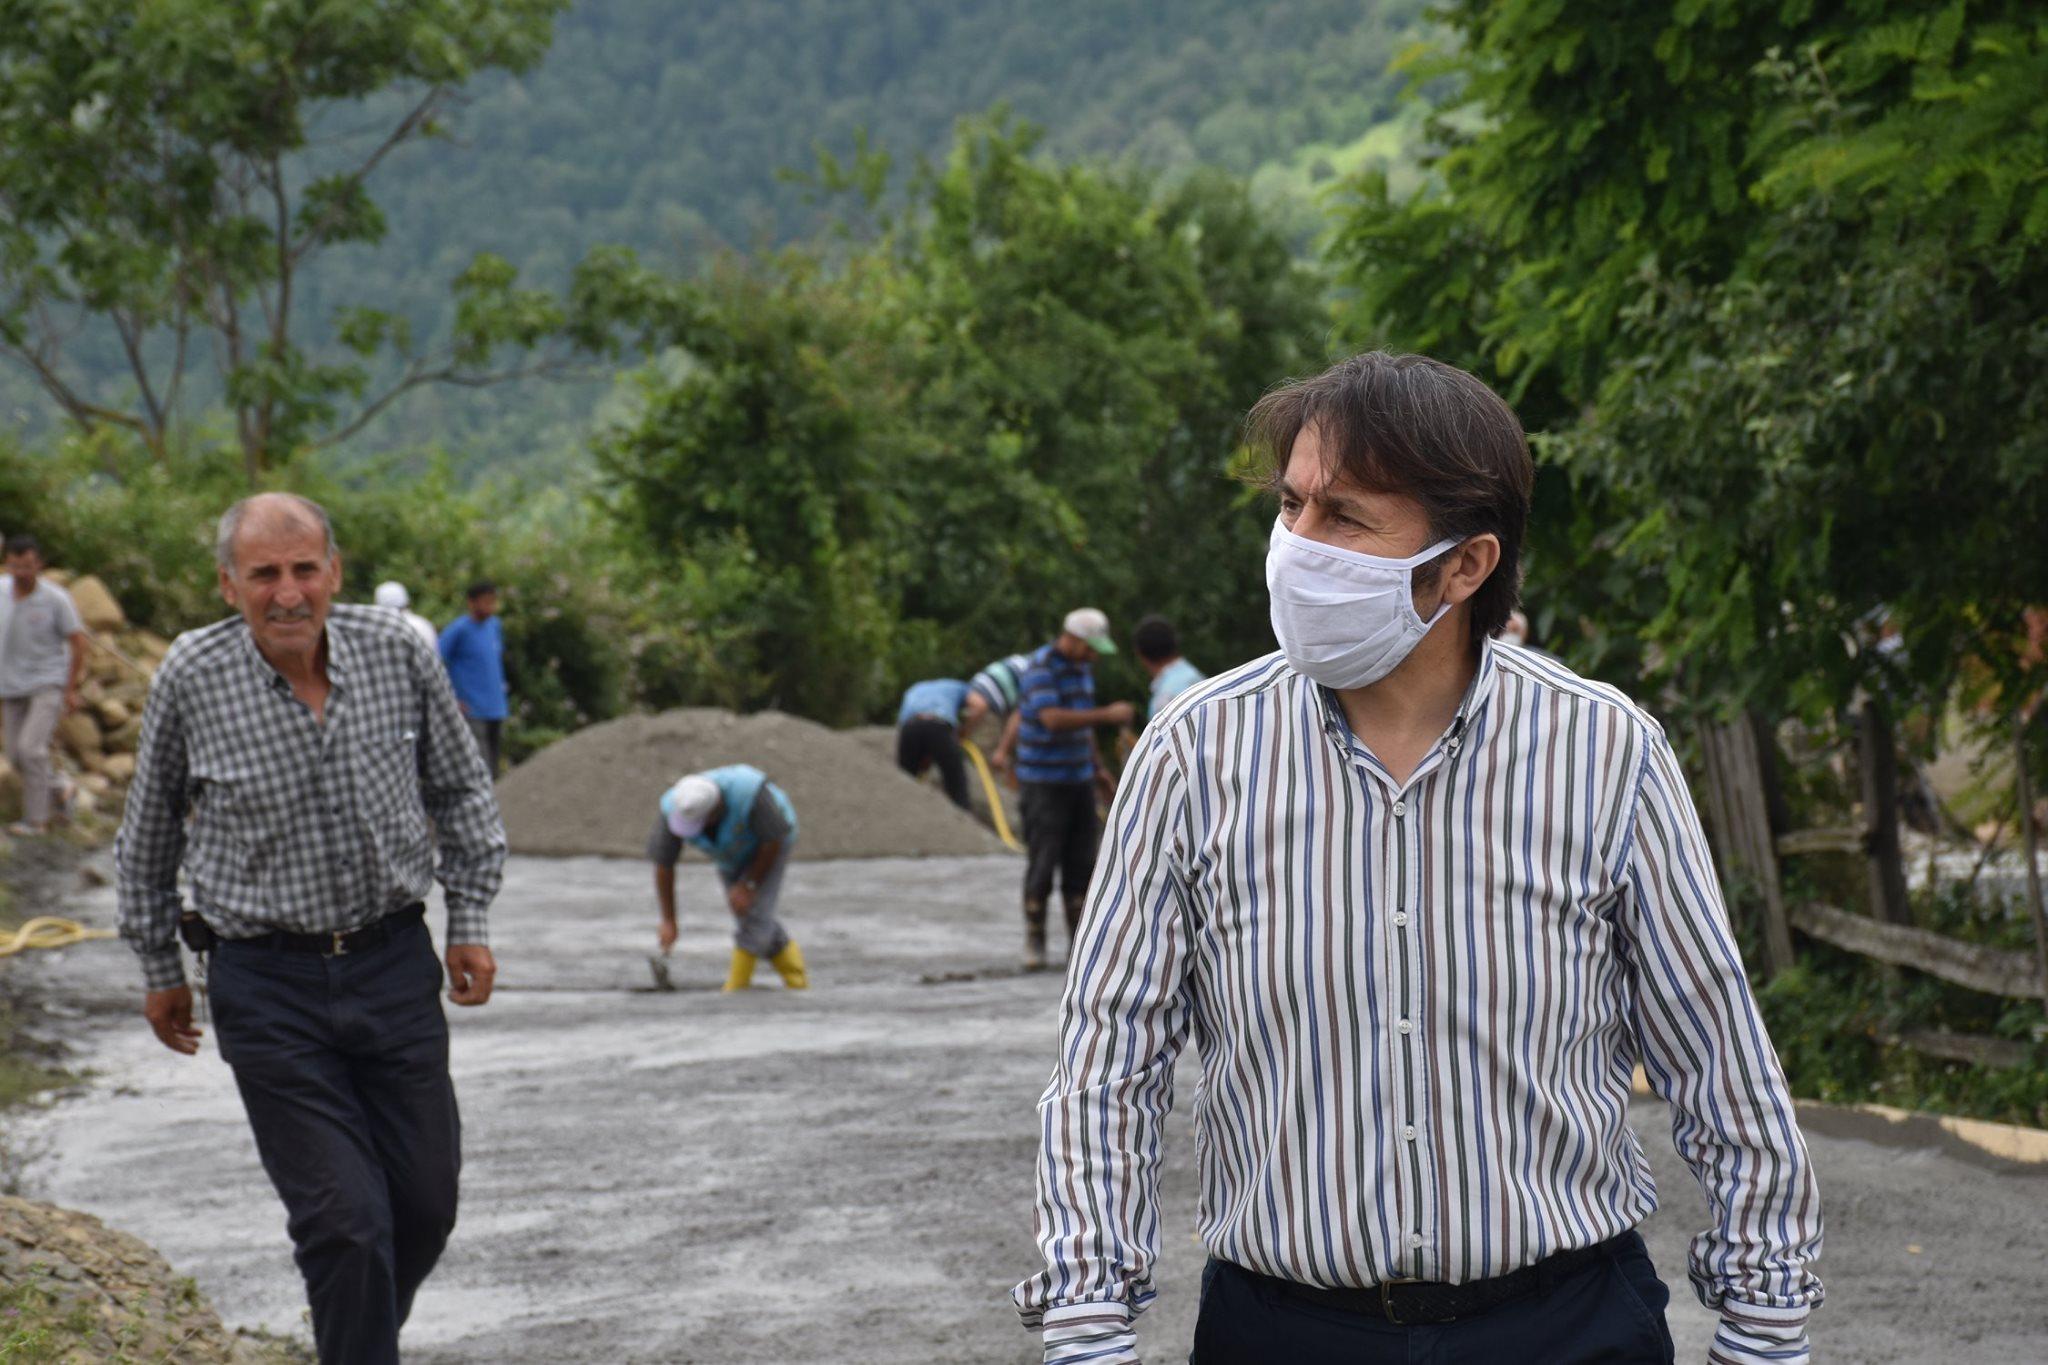 Belediye Başkanımız Hüseyin Kıyma, Beton Yol Çalışmalarını yerinde İnceledi